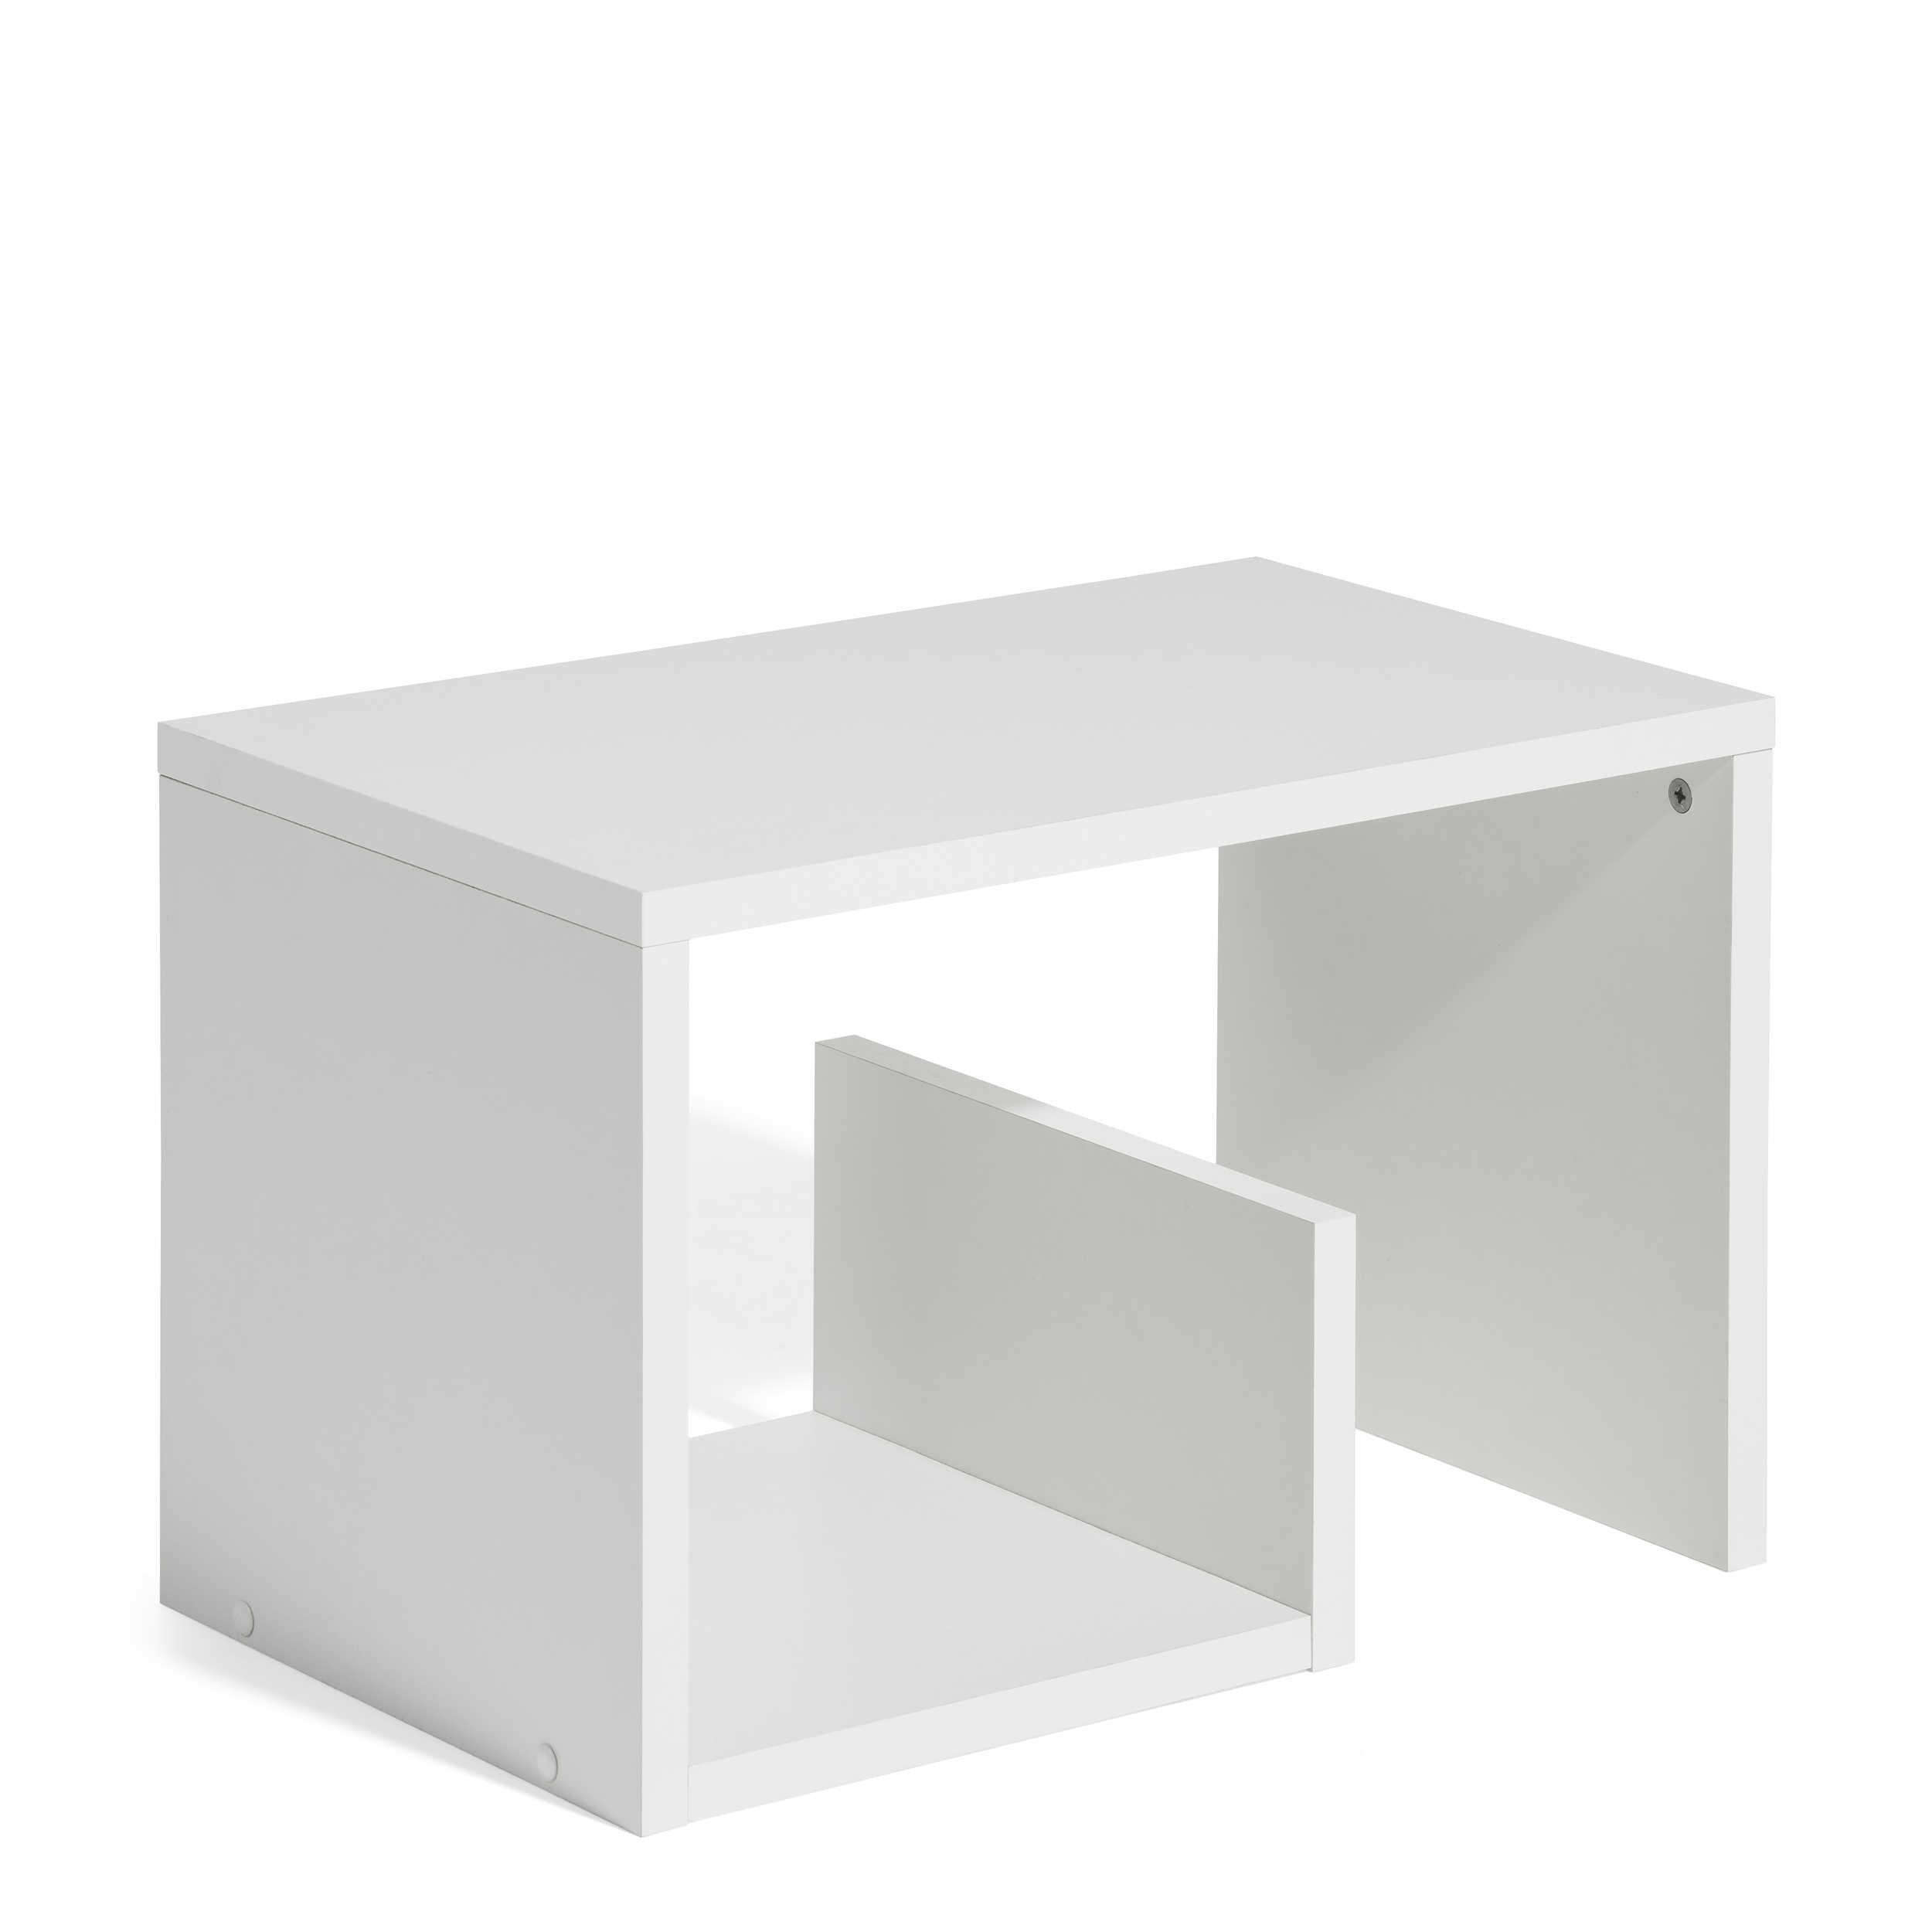 fmd beistelltisch alia wei kunststoff online kaufen bei. Black Bedroom Furniture Sets. Home Design Ideas